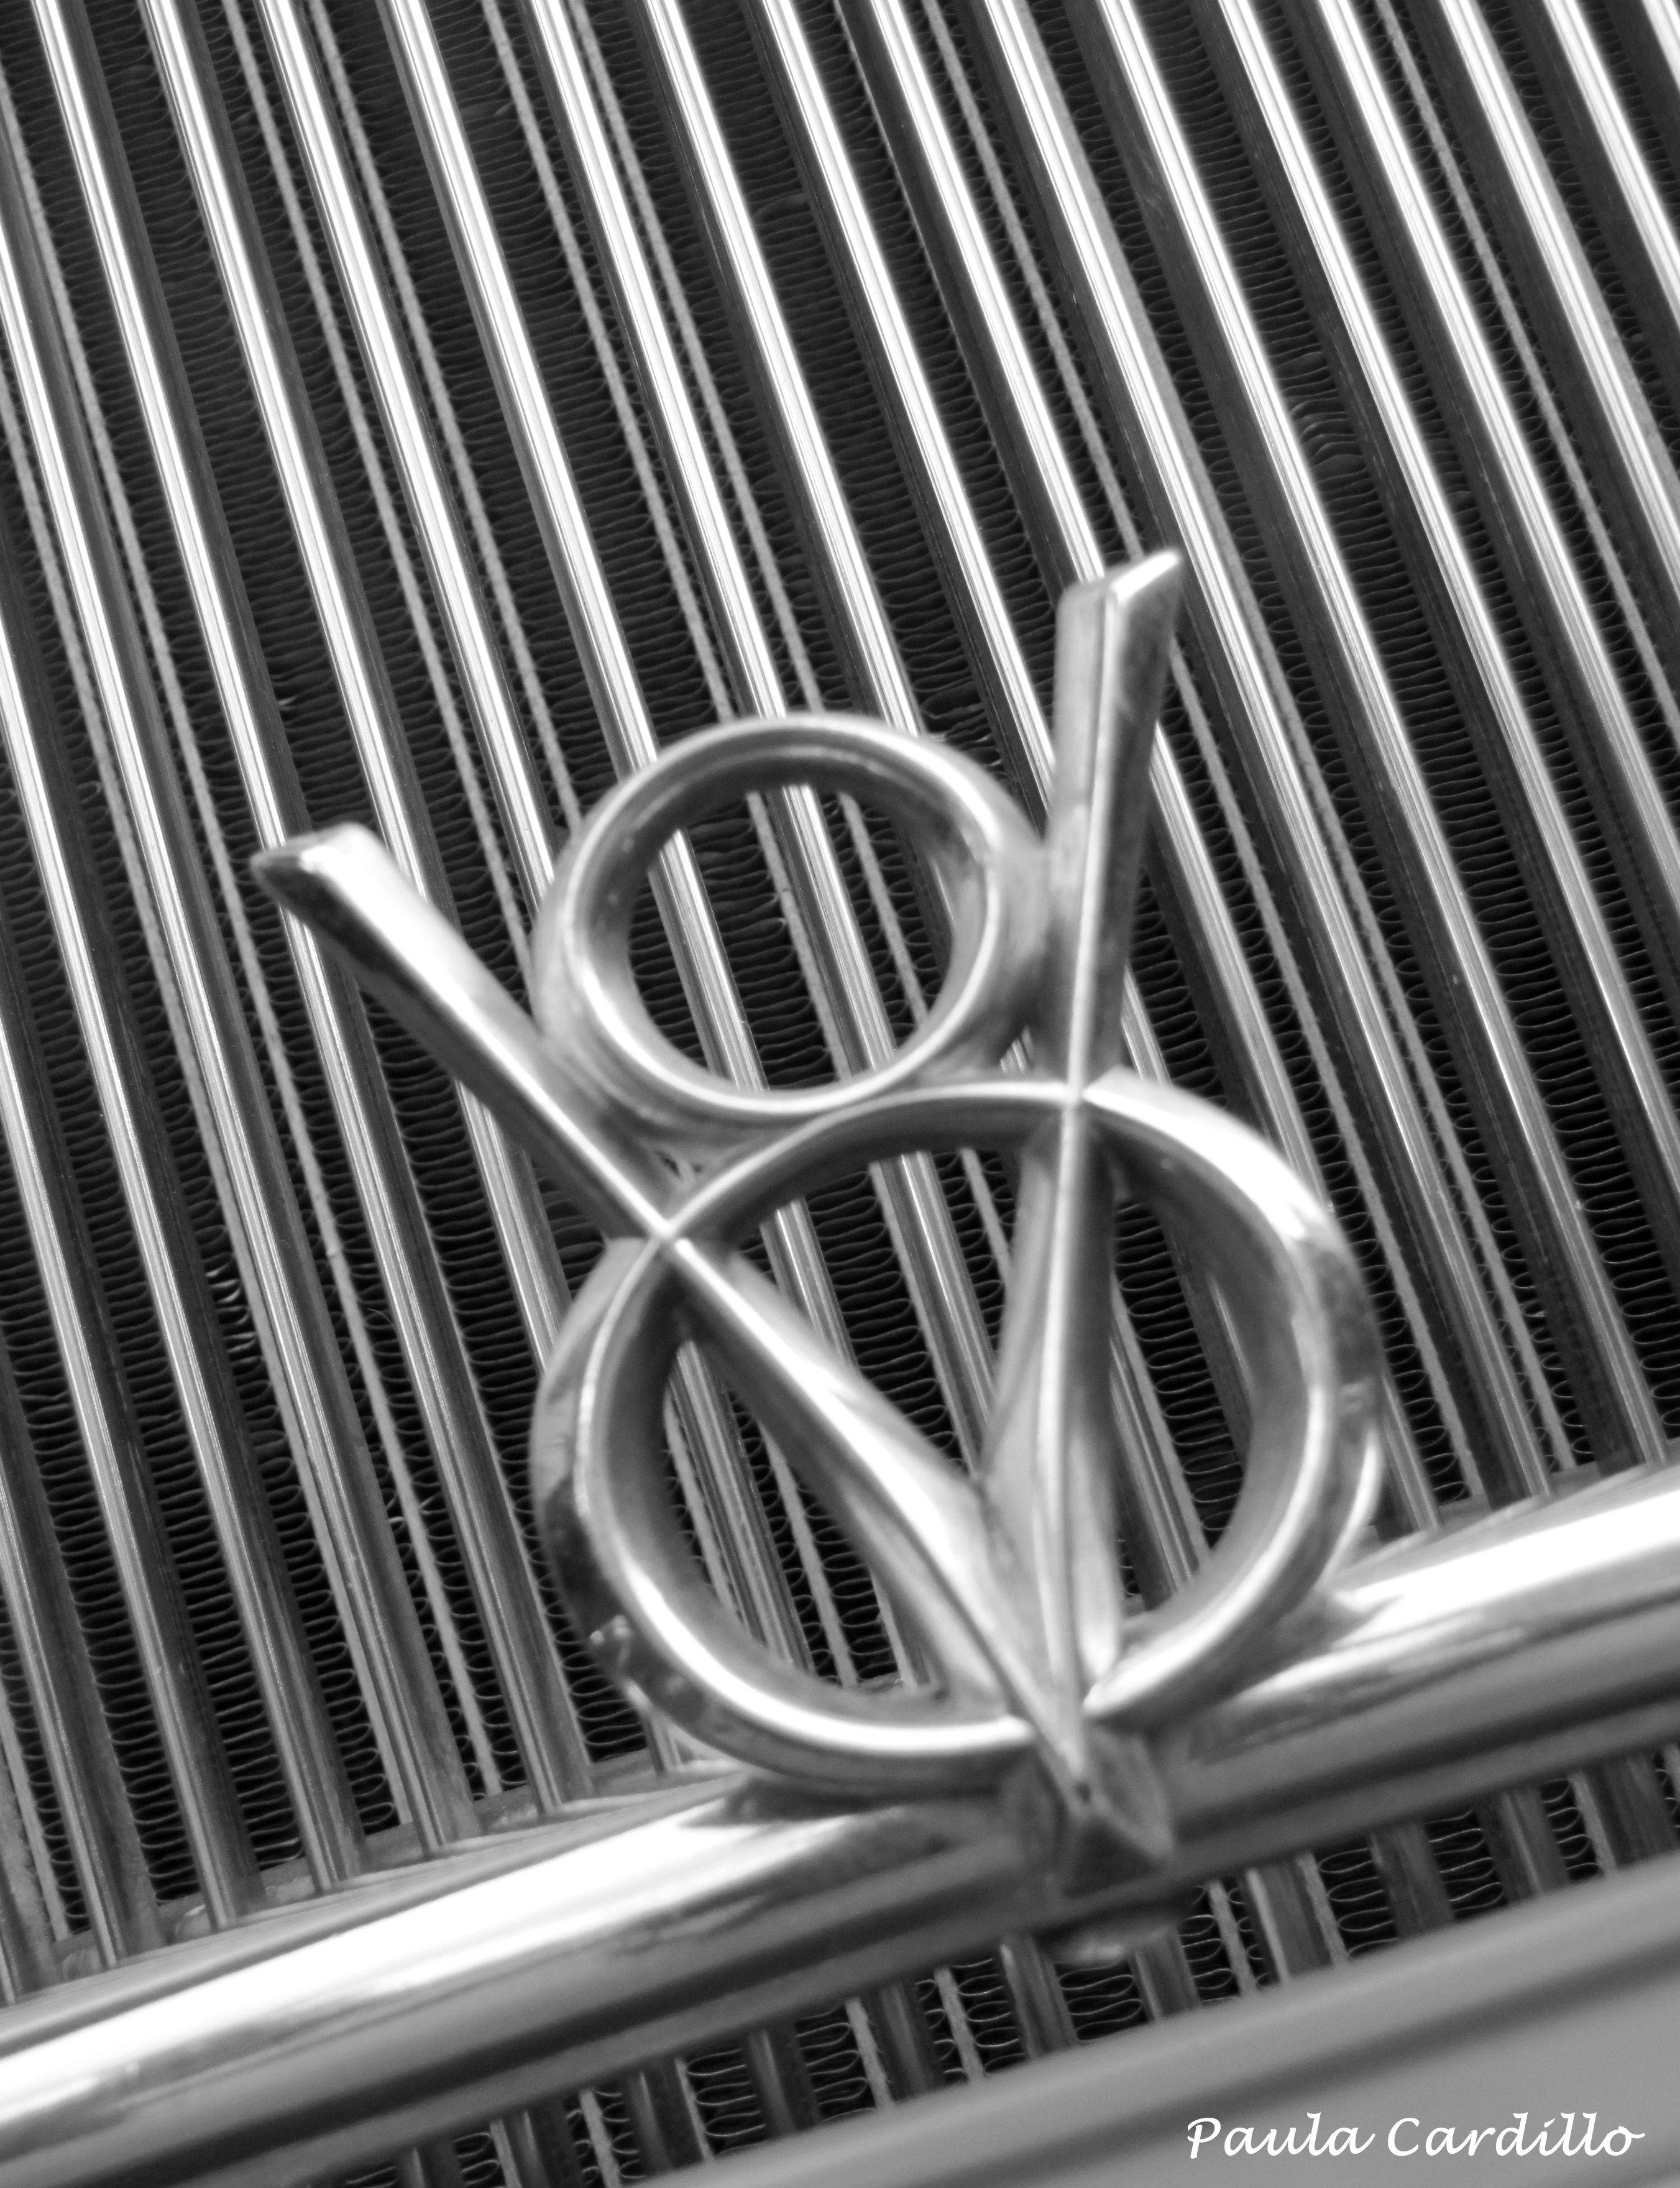 Old V 8 Ford Emblem With Images Ford Emblem Hood Ornaments